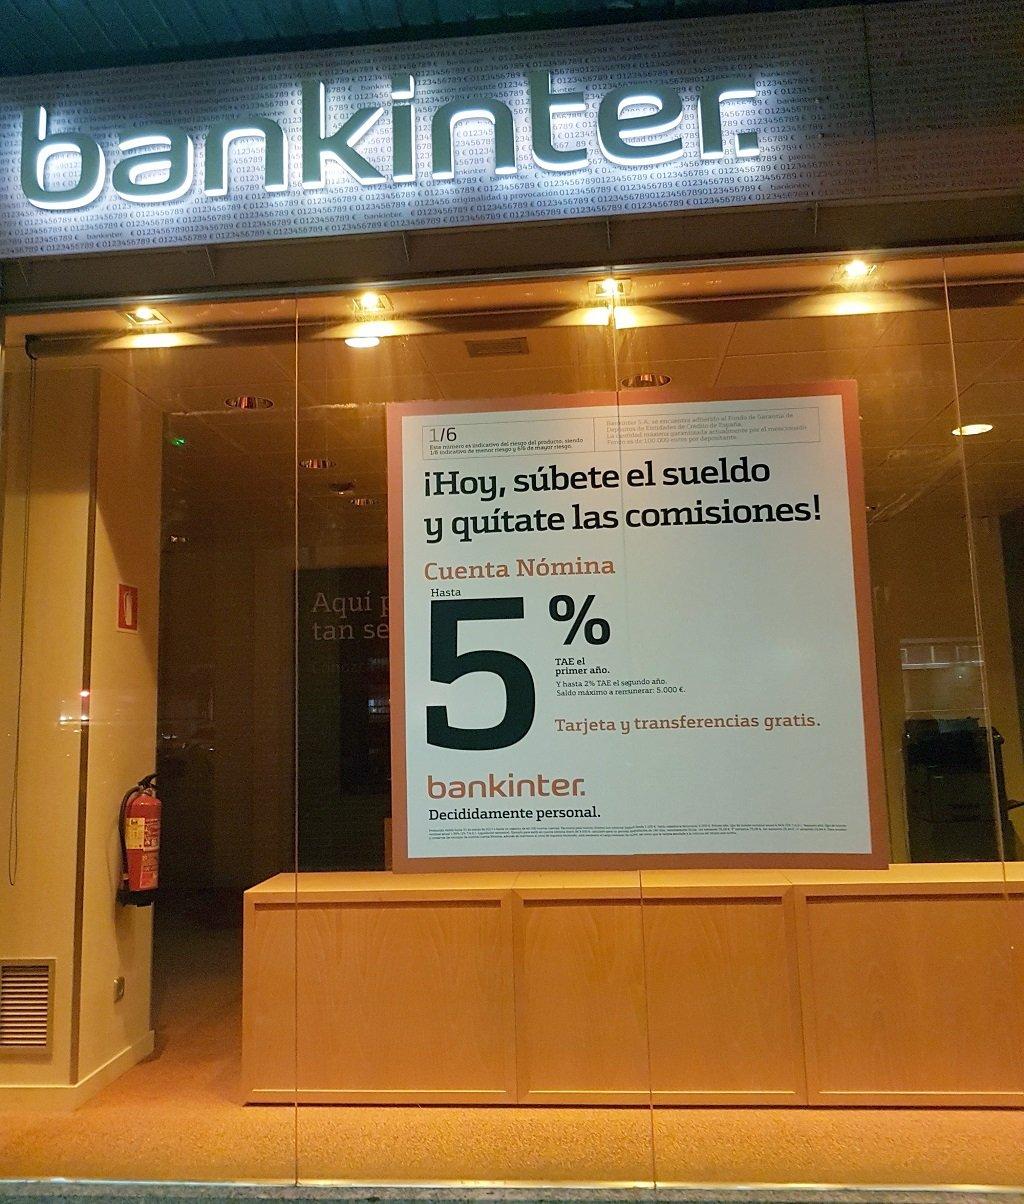 Bankinter-Cuenta-Nomina